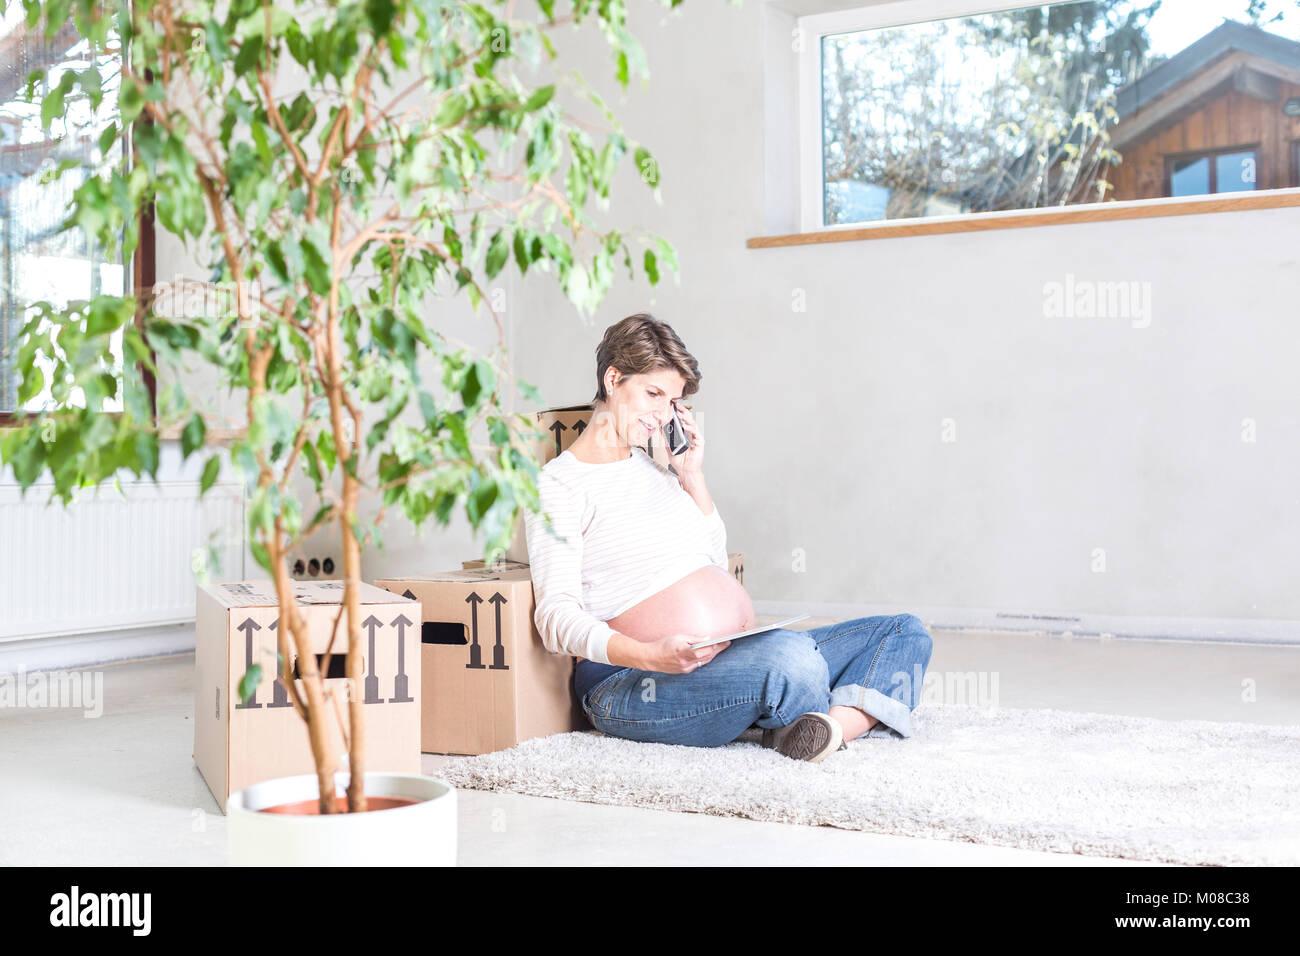 Schwanger Frau telefoniert beim Umzug sitzend im neuen Haus Stockbild